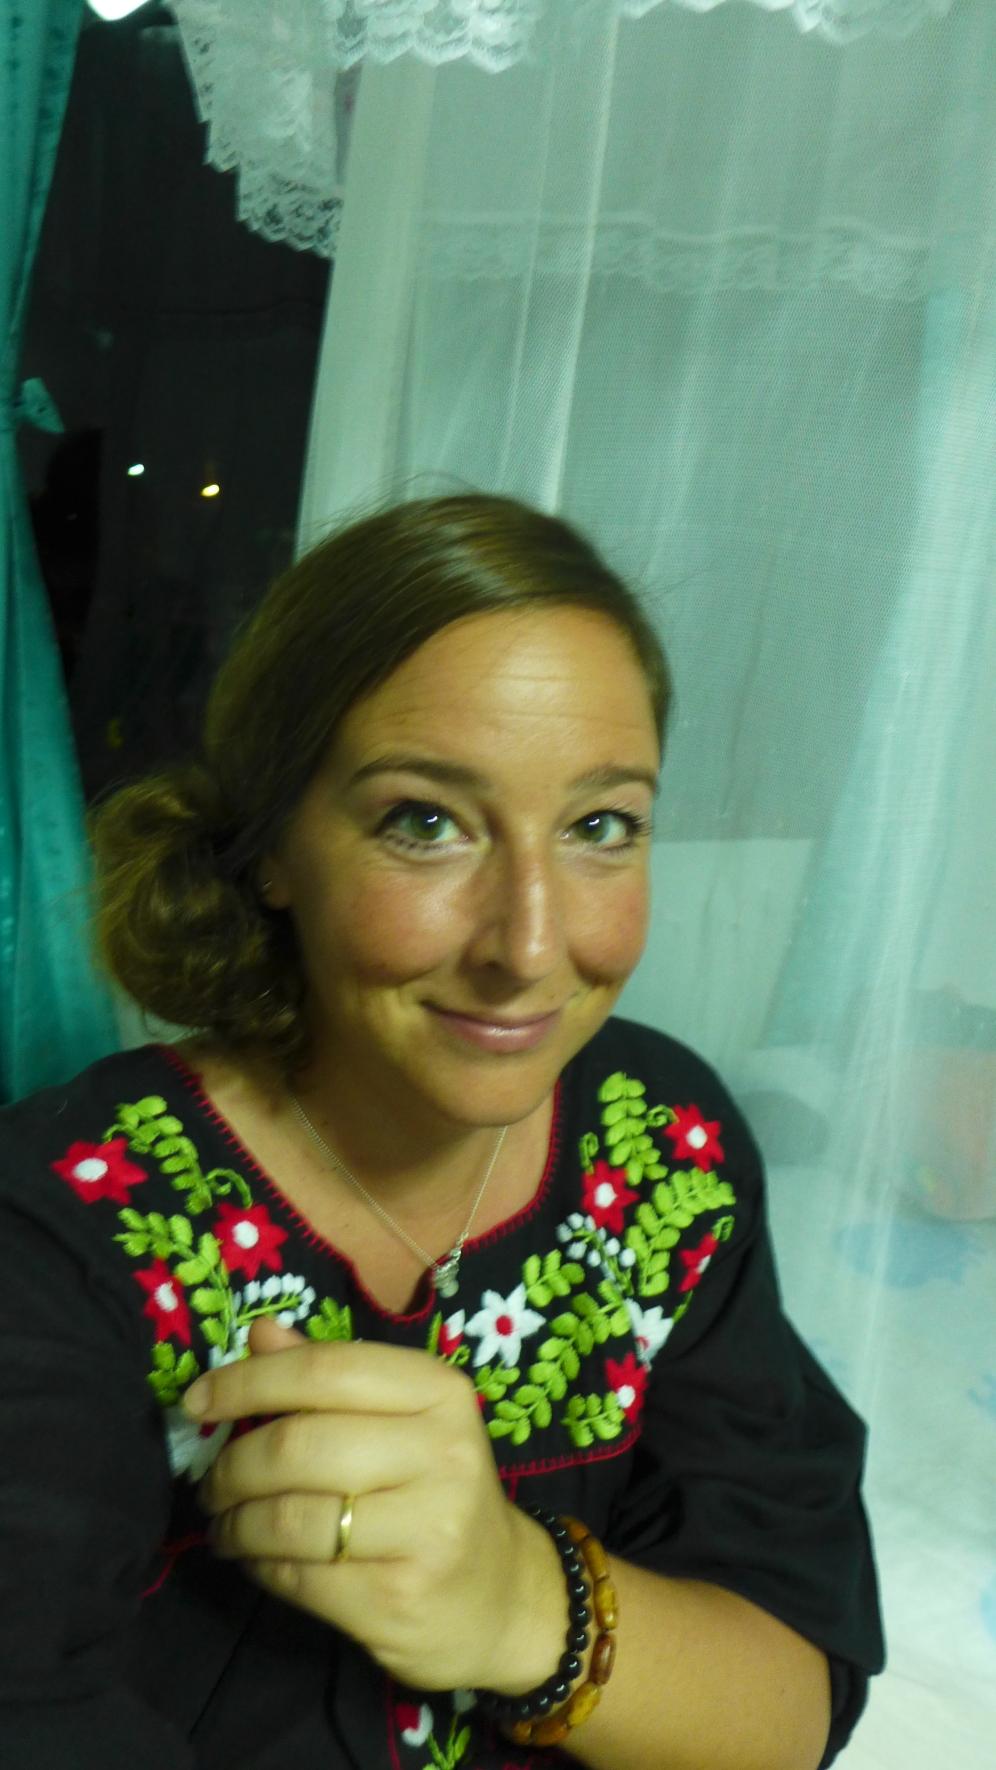 Zurück im Bungalow: Wir machen uns fein für die Silvester-Party. Das Kleid hat sich Tina gestern gekauft.